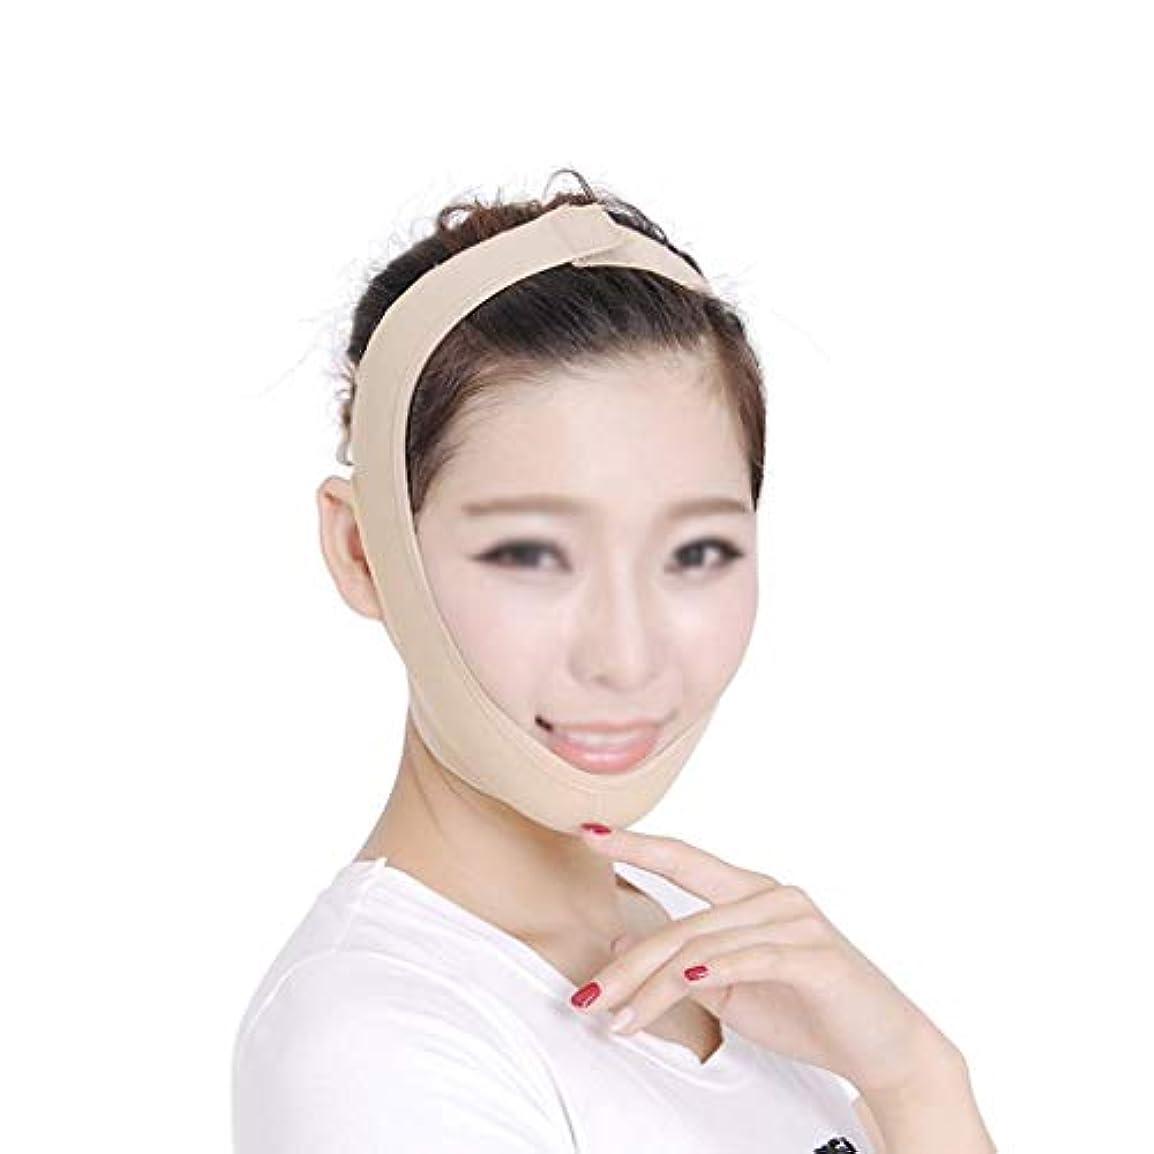 型シュガーうめき声フェイシャル減量マスクリフティングフェイス、フェイスマスク、減量包帯を除去するためのダブルチン、フェイシャルリフティング包帯、ダブルチンを減らすためのリフティングベルト(カラー:ブラック、サイズ:M),イエローピンク、XL